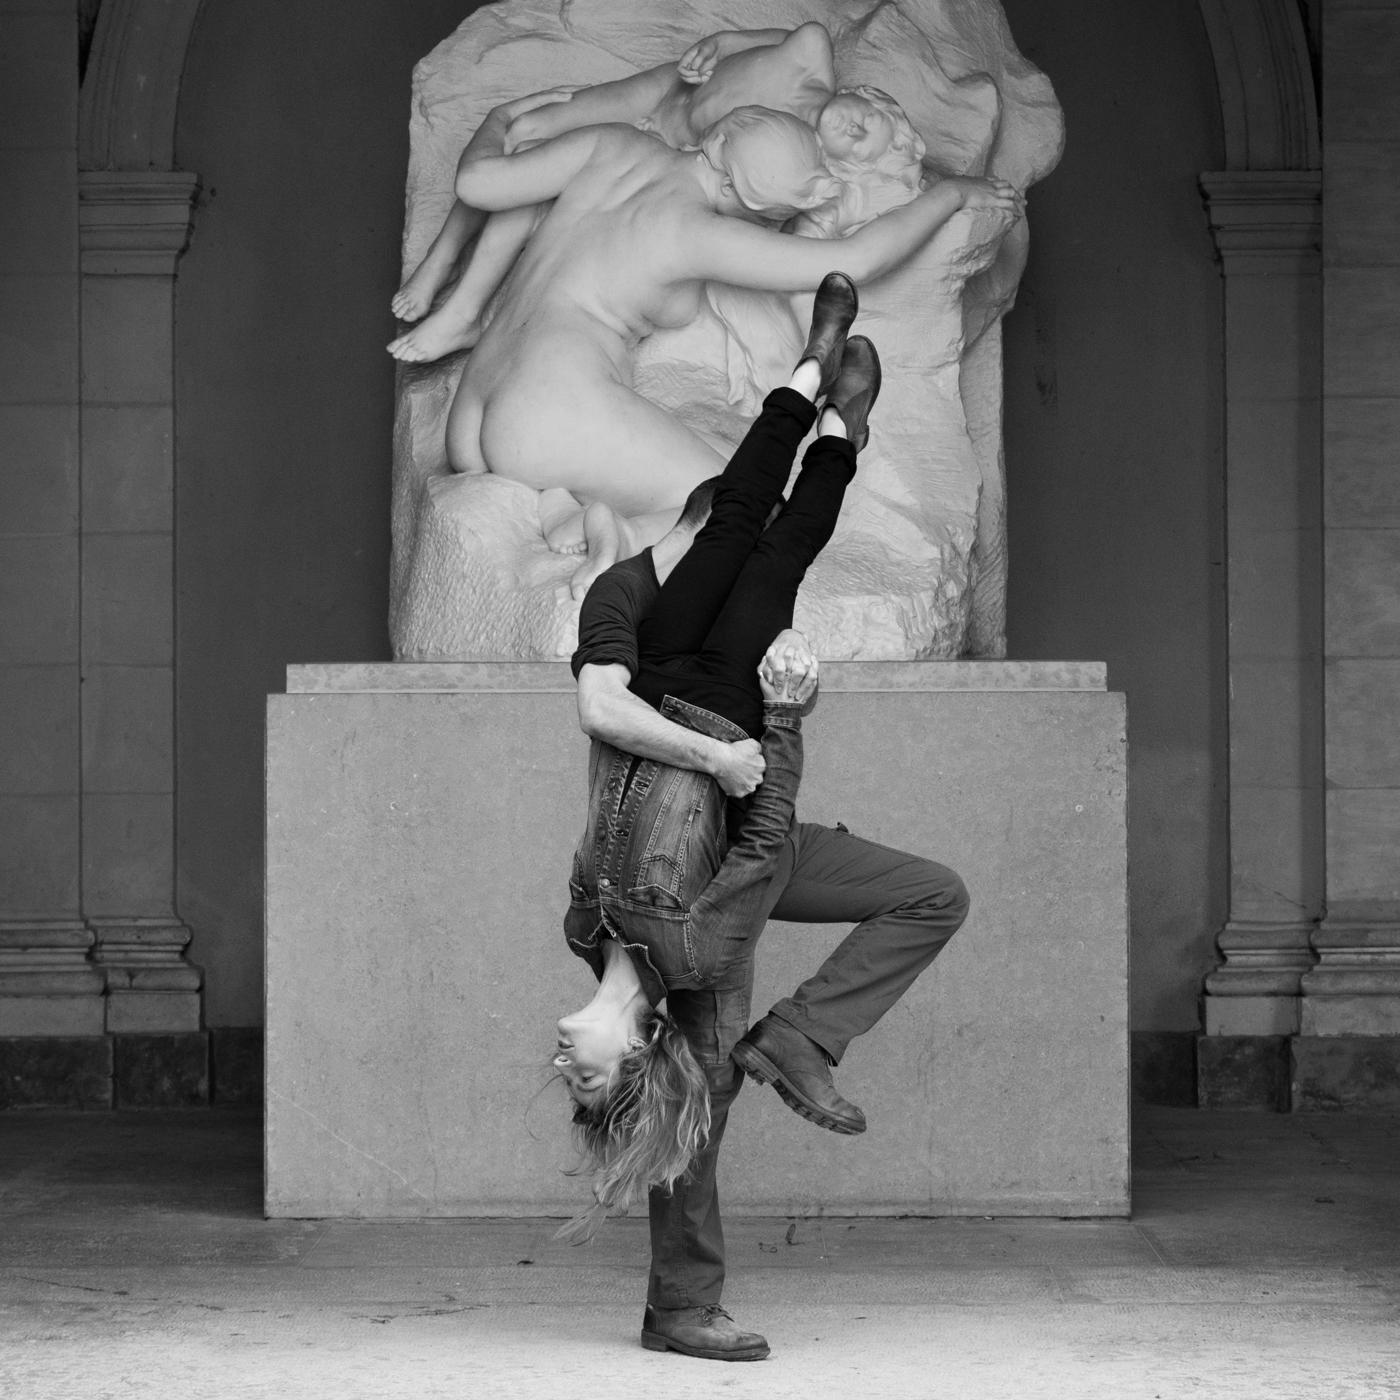 Musée_Lyon_2016_-_Autoportrait_en_confiance